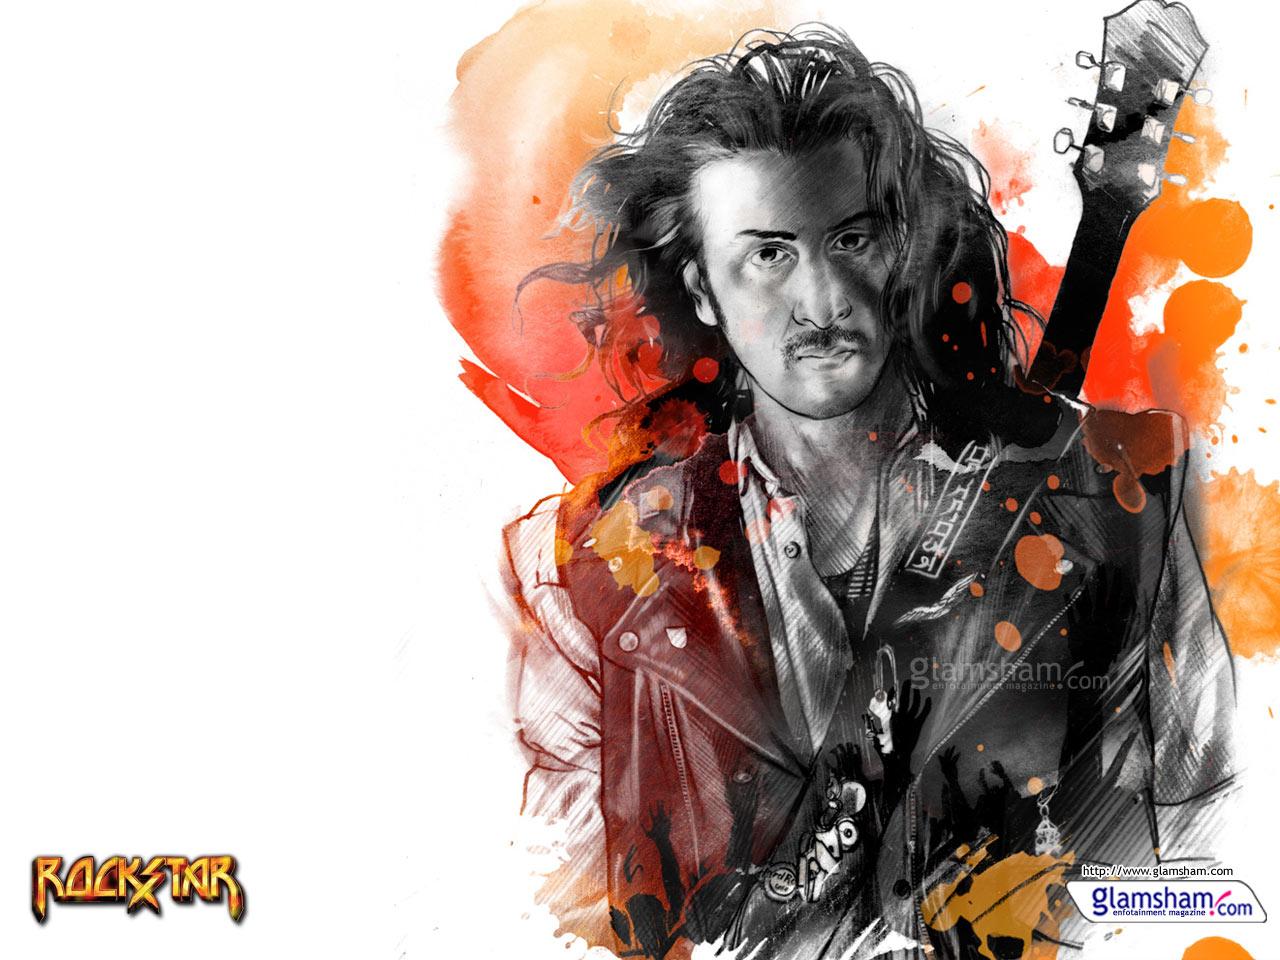 Rockstar Wallpaper 1280x960